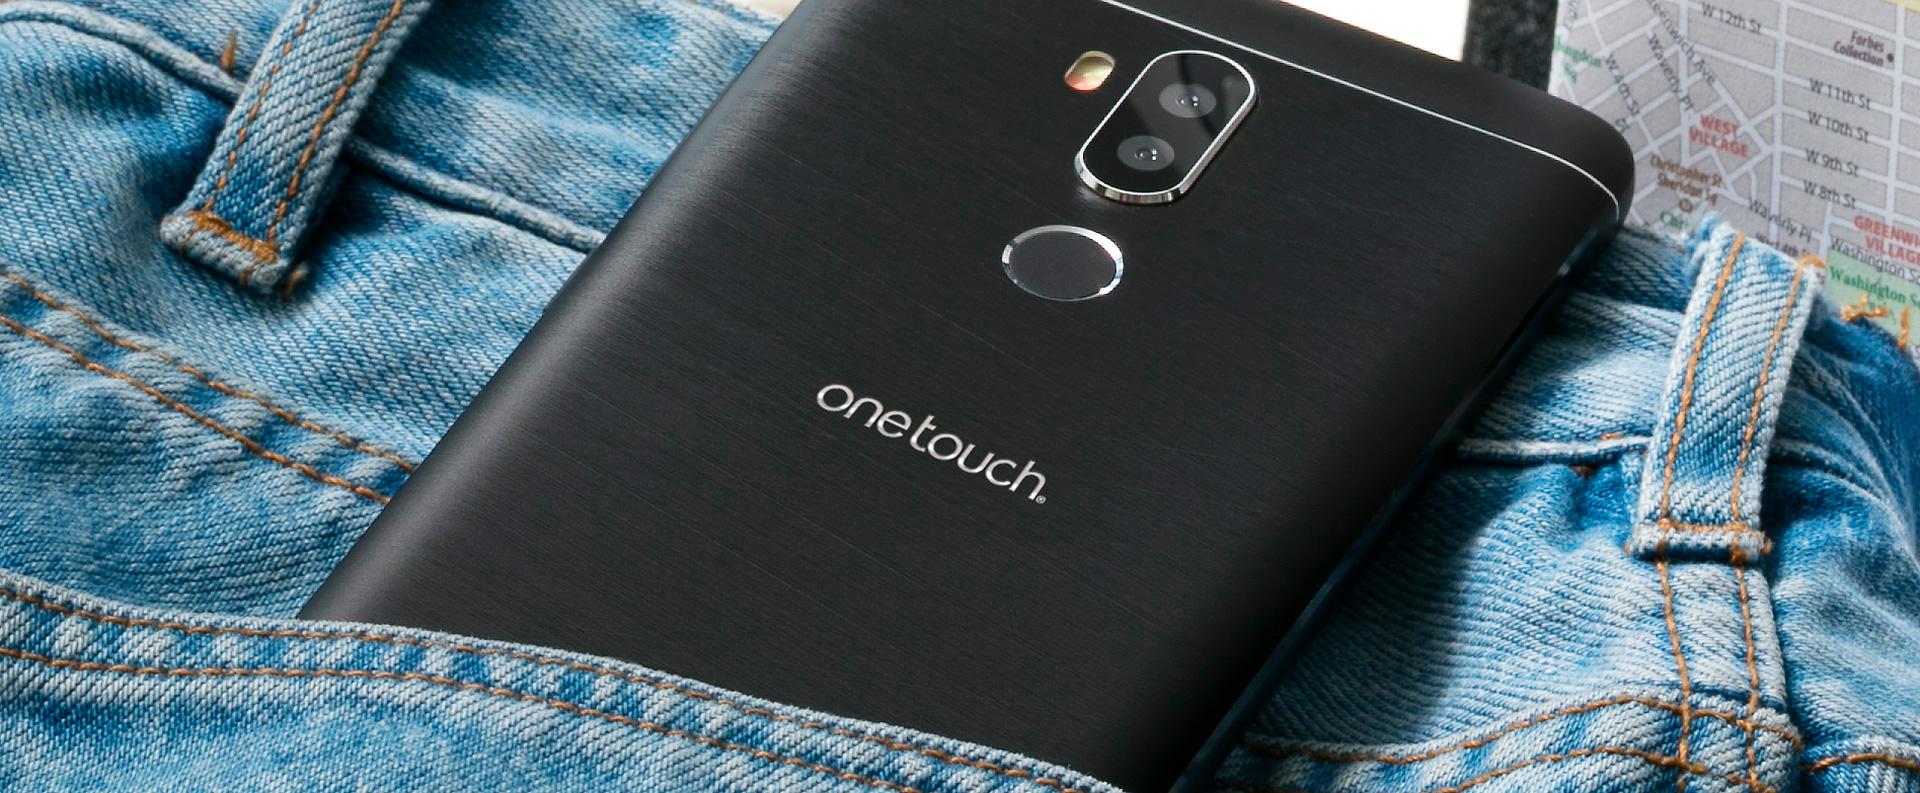 Alcatel One Touch - Brand Design - S&P